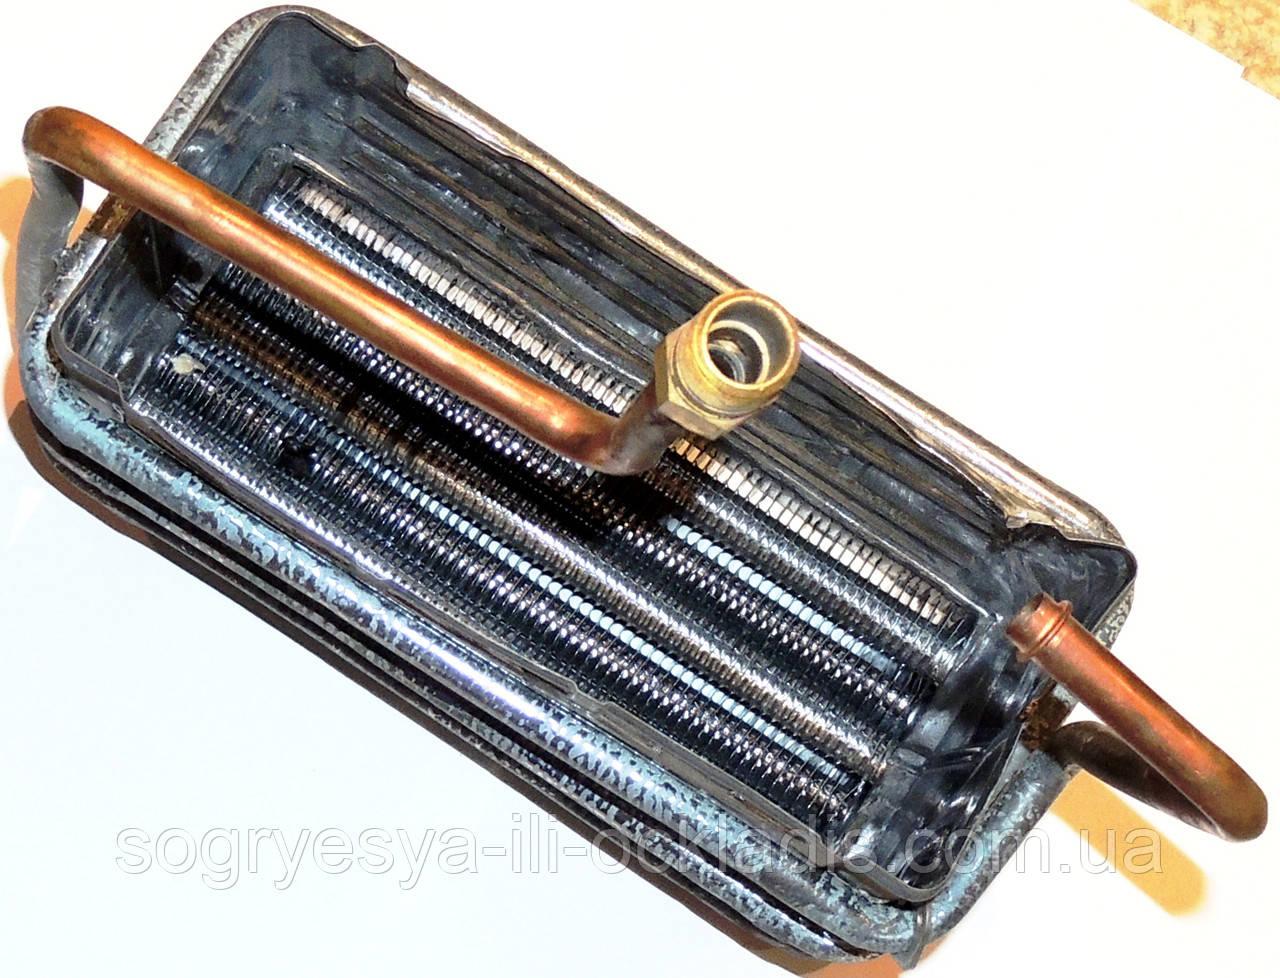 Теплообменник дымоходной колонки с накидной гайкой, код сайта 0999